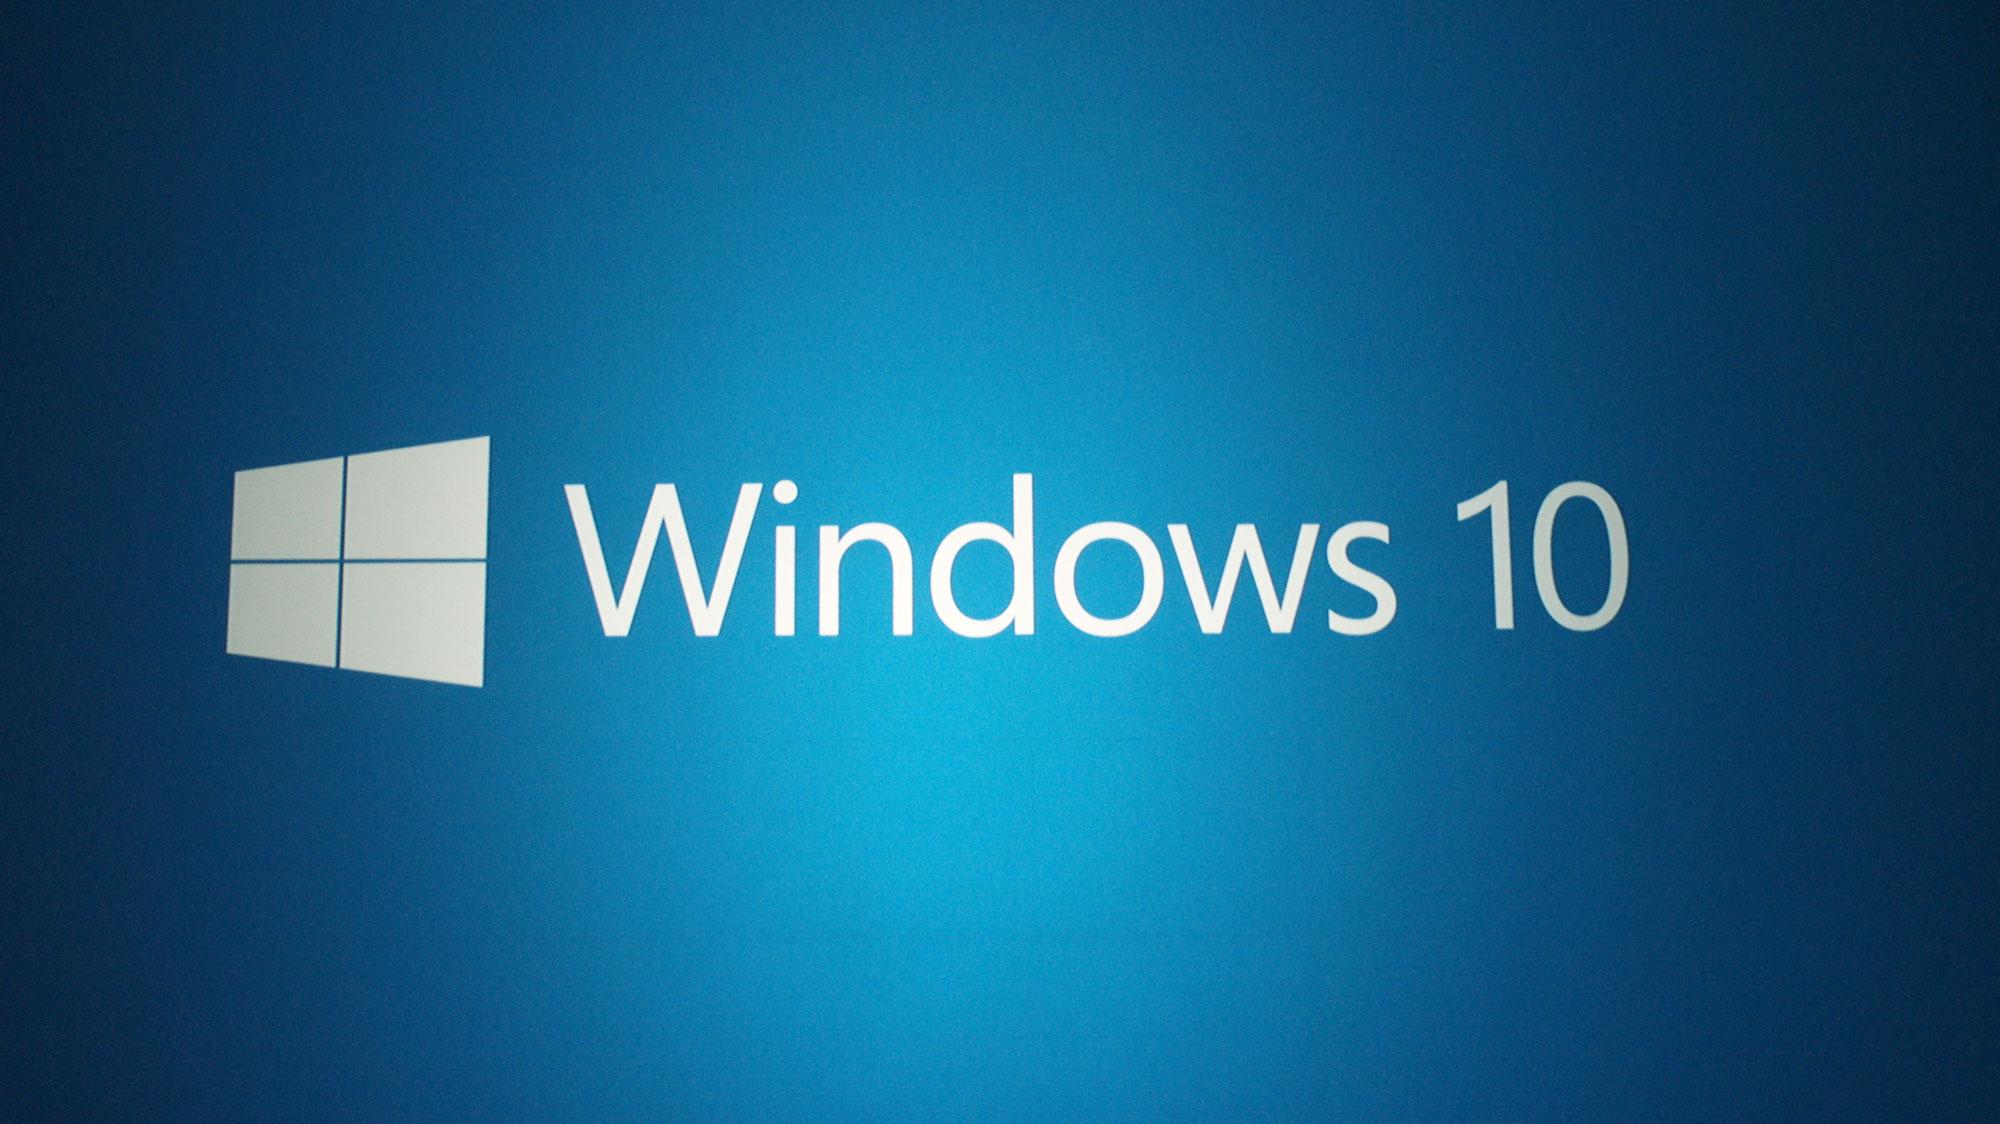 http://www.hdwallpaperg.com/wp-content/uploads/2014/10/windows-10.jpg